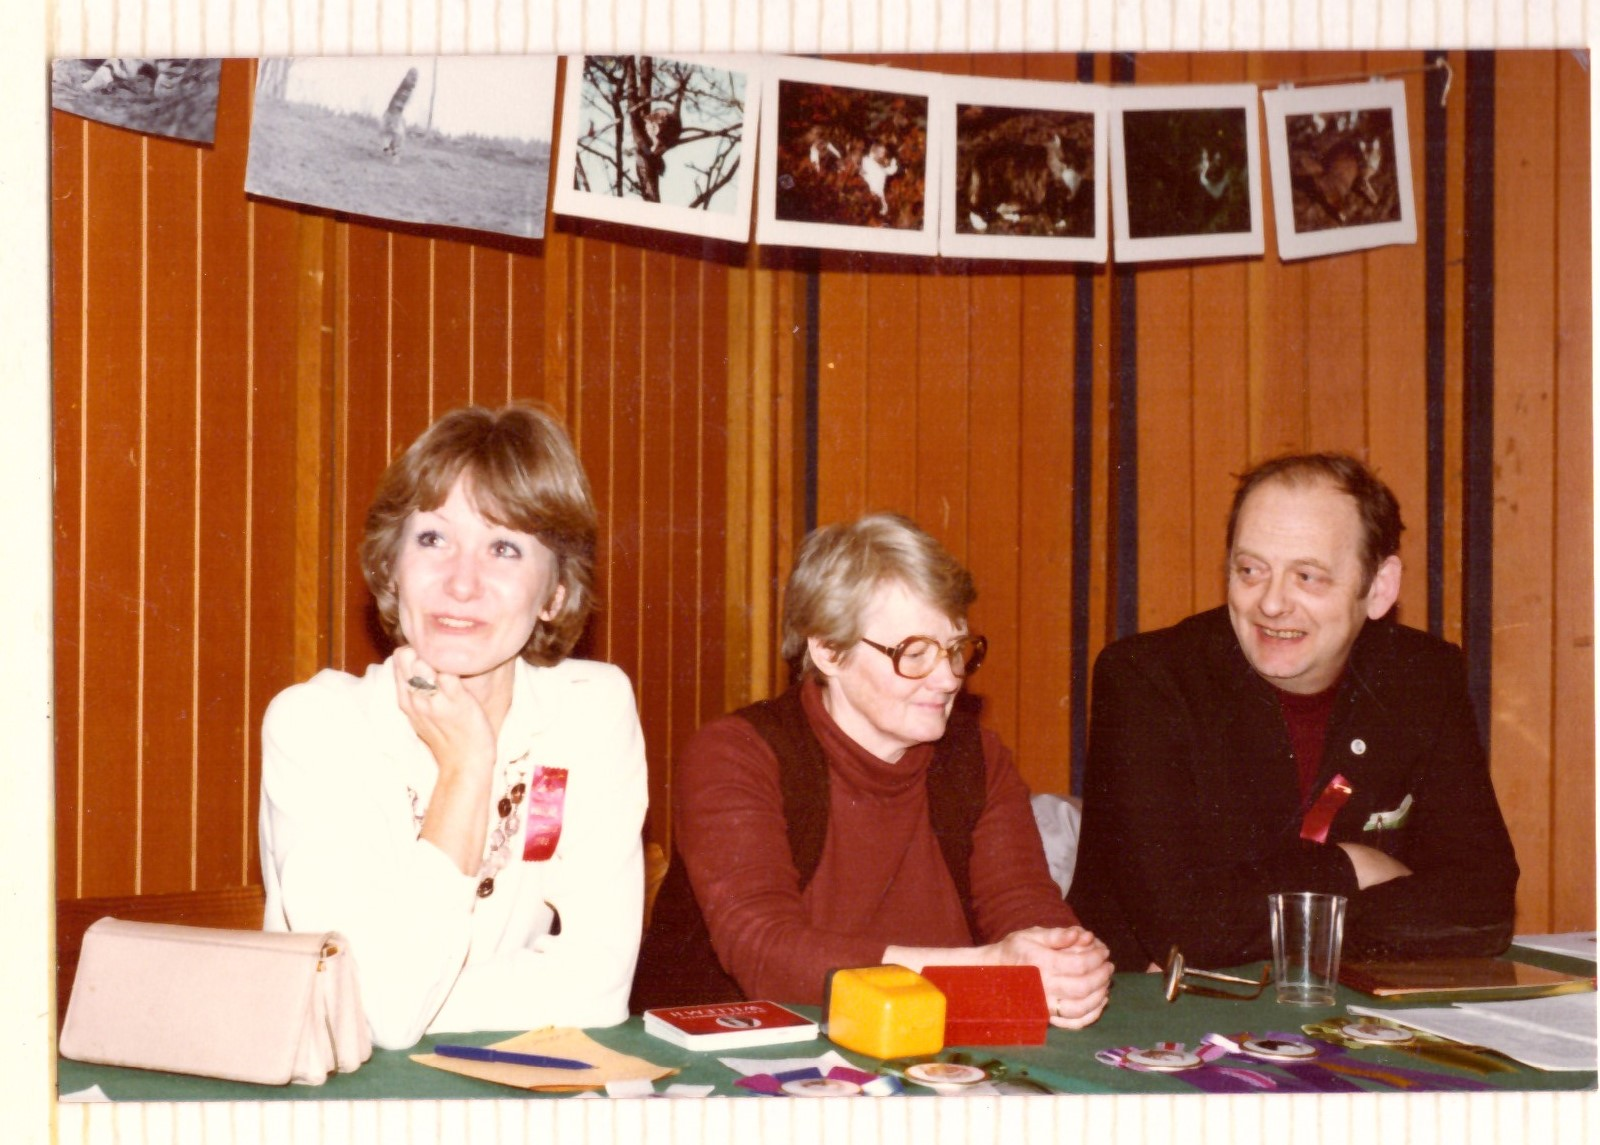 Else og Egil Nylund. DARAKs udstilling marts 1982